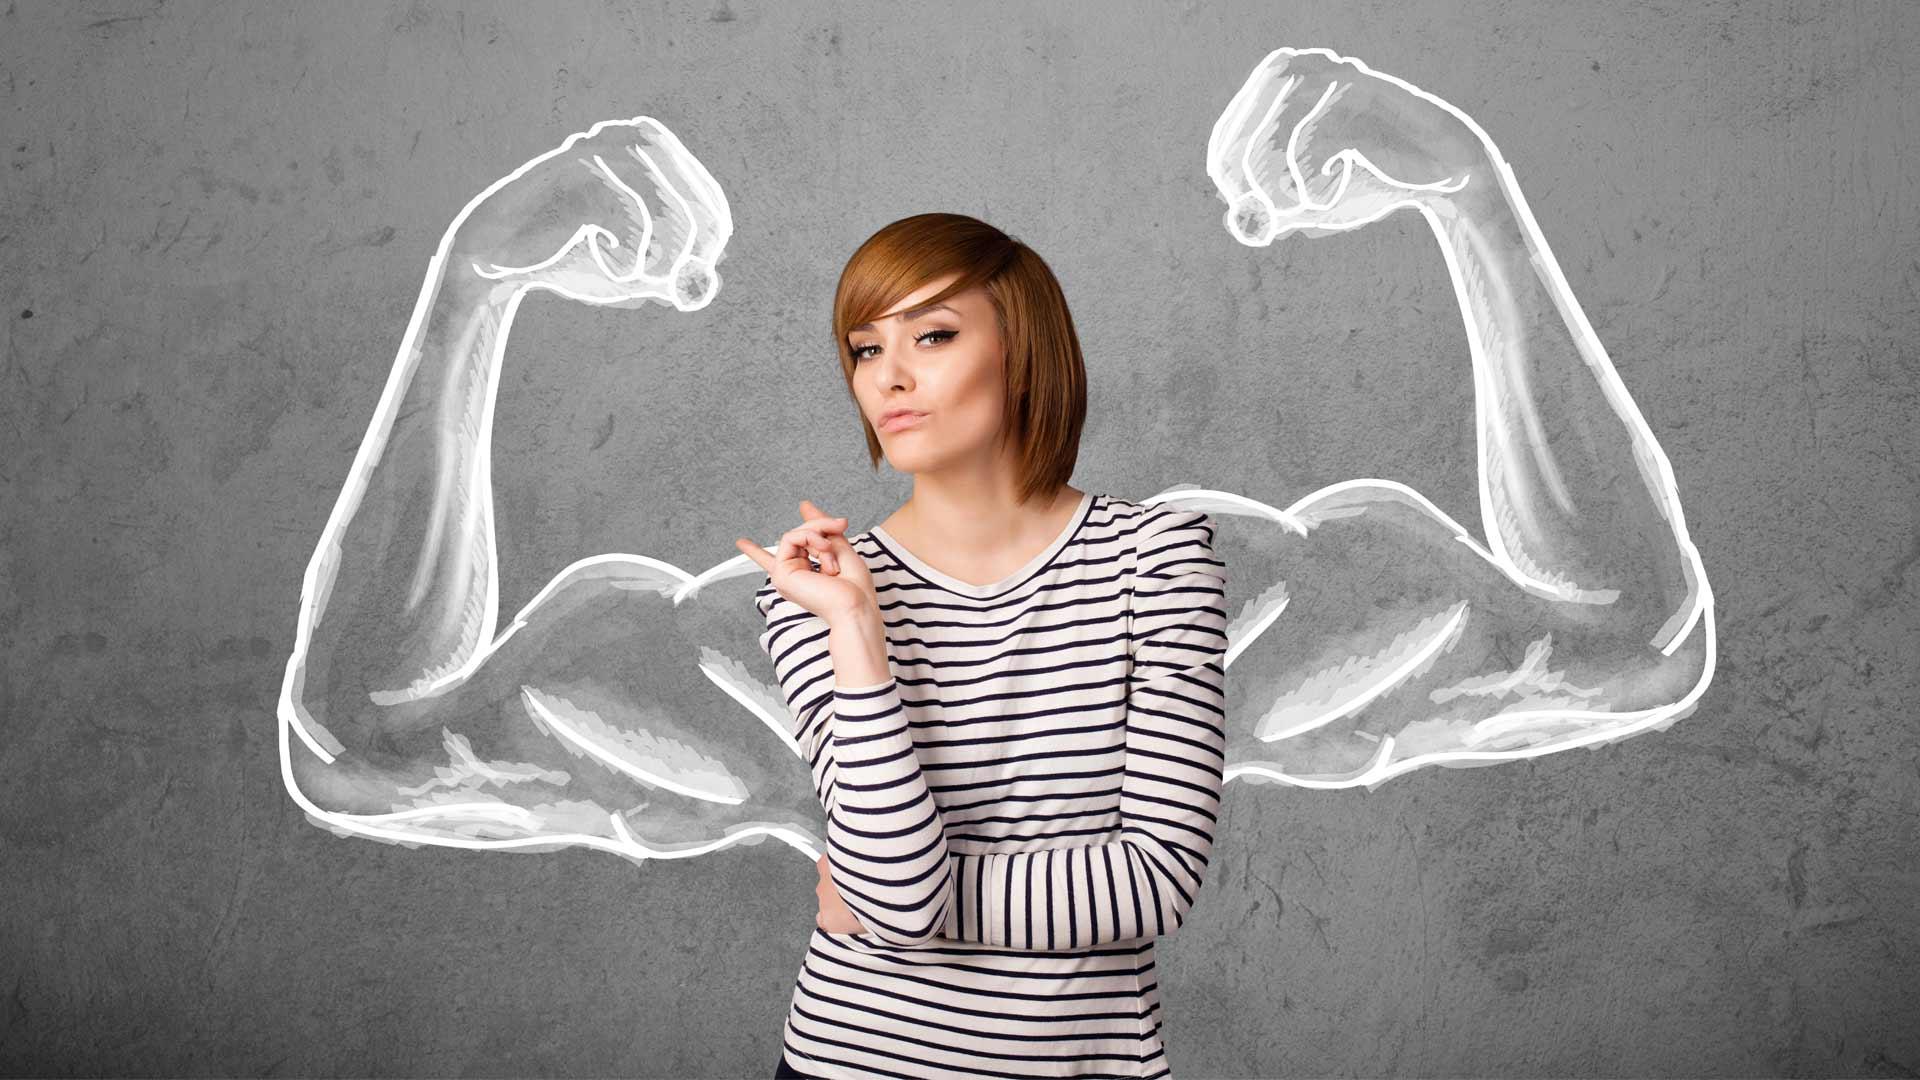 Сильные люди девушки фото